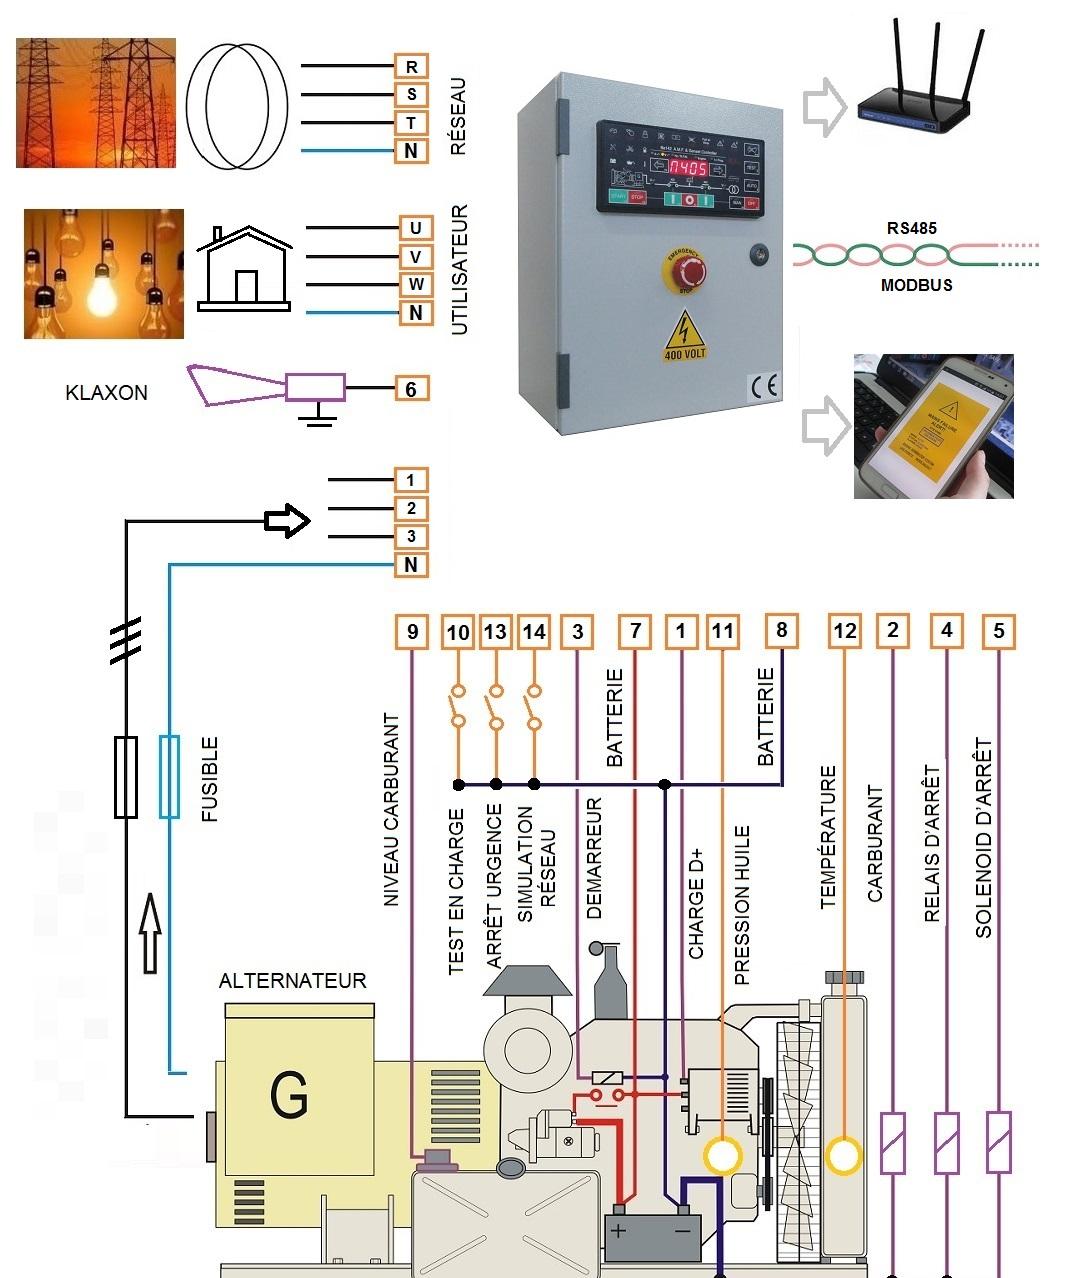 schéma electrique inverseur de groupe électrogène Be142